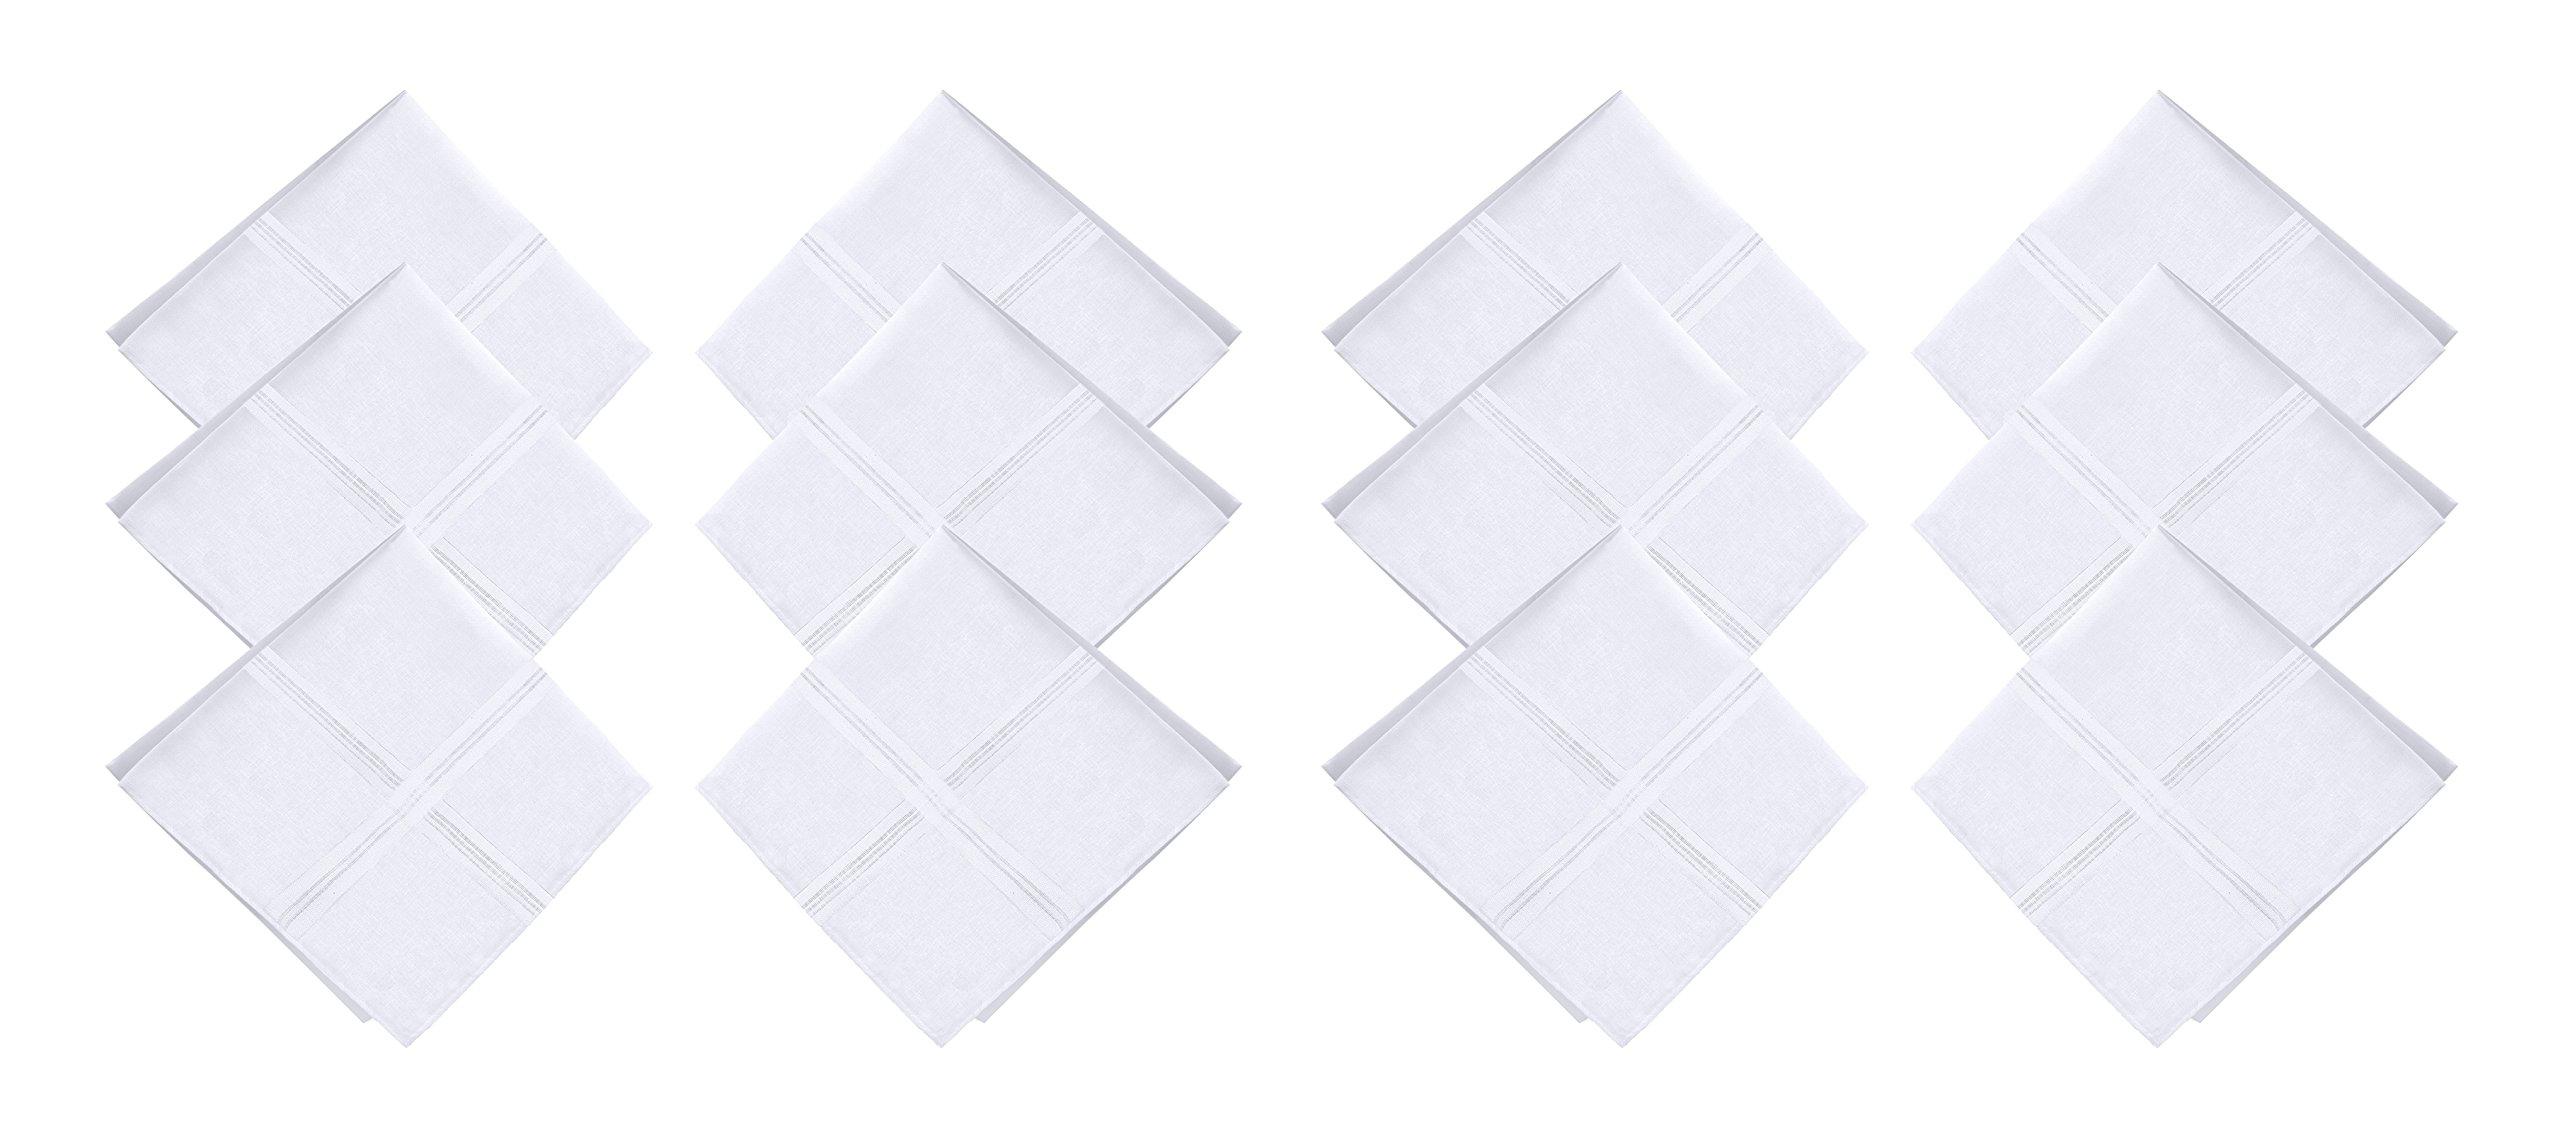 JFL - 100% Pure Cotton White Handkerchiefs for Men & Boys - 12 Pieces